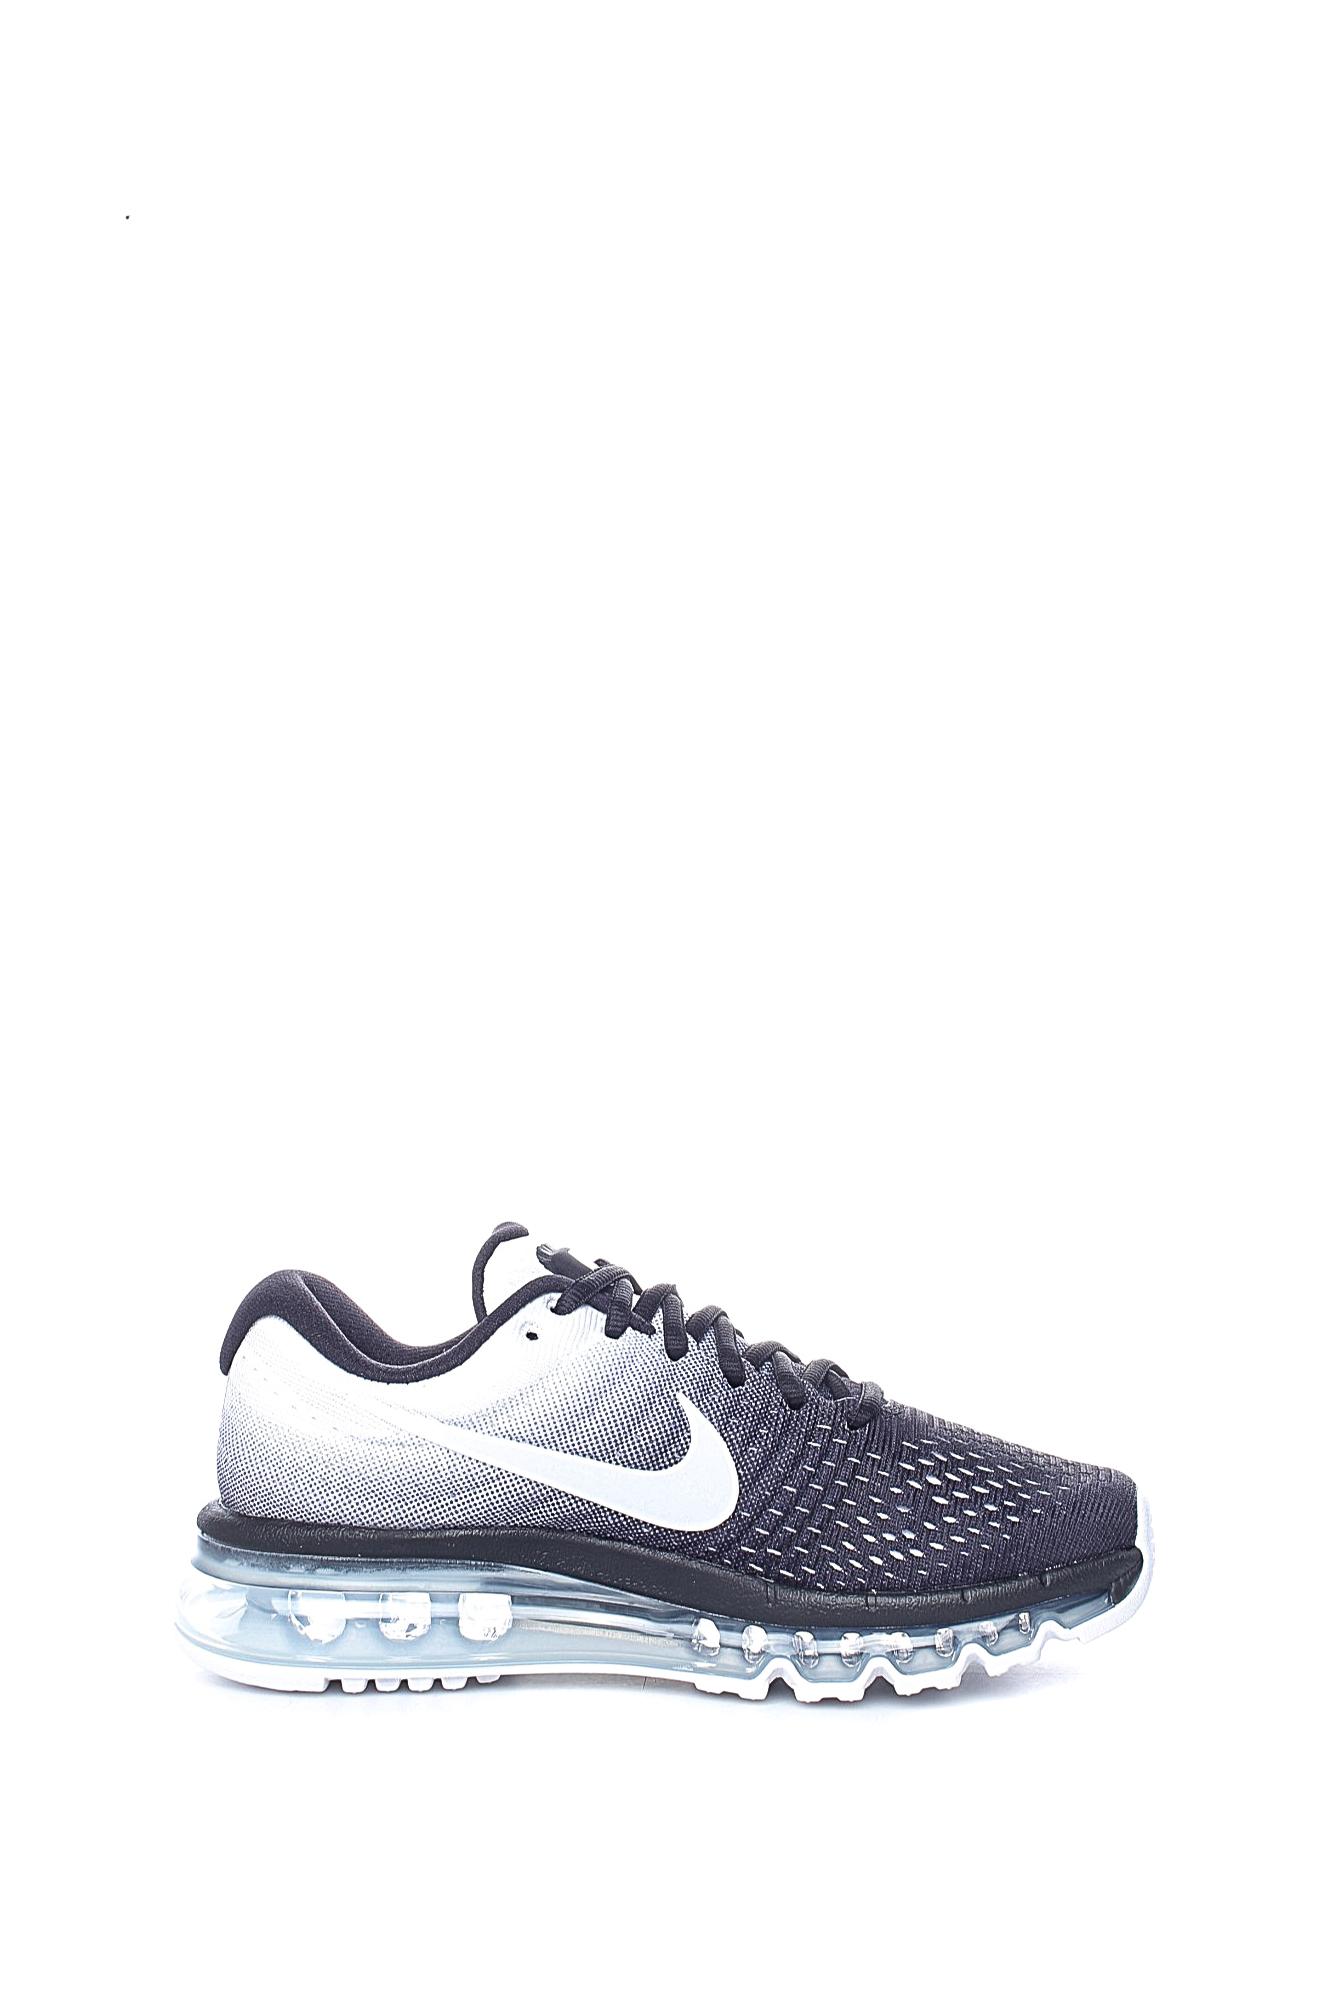 NIKE – Γυναικεία παπούτσια για τρέξιμο Nike AIR MAX 2017 μαύρα – λευκά